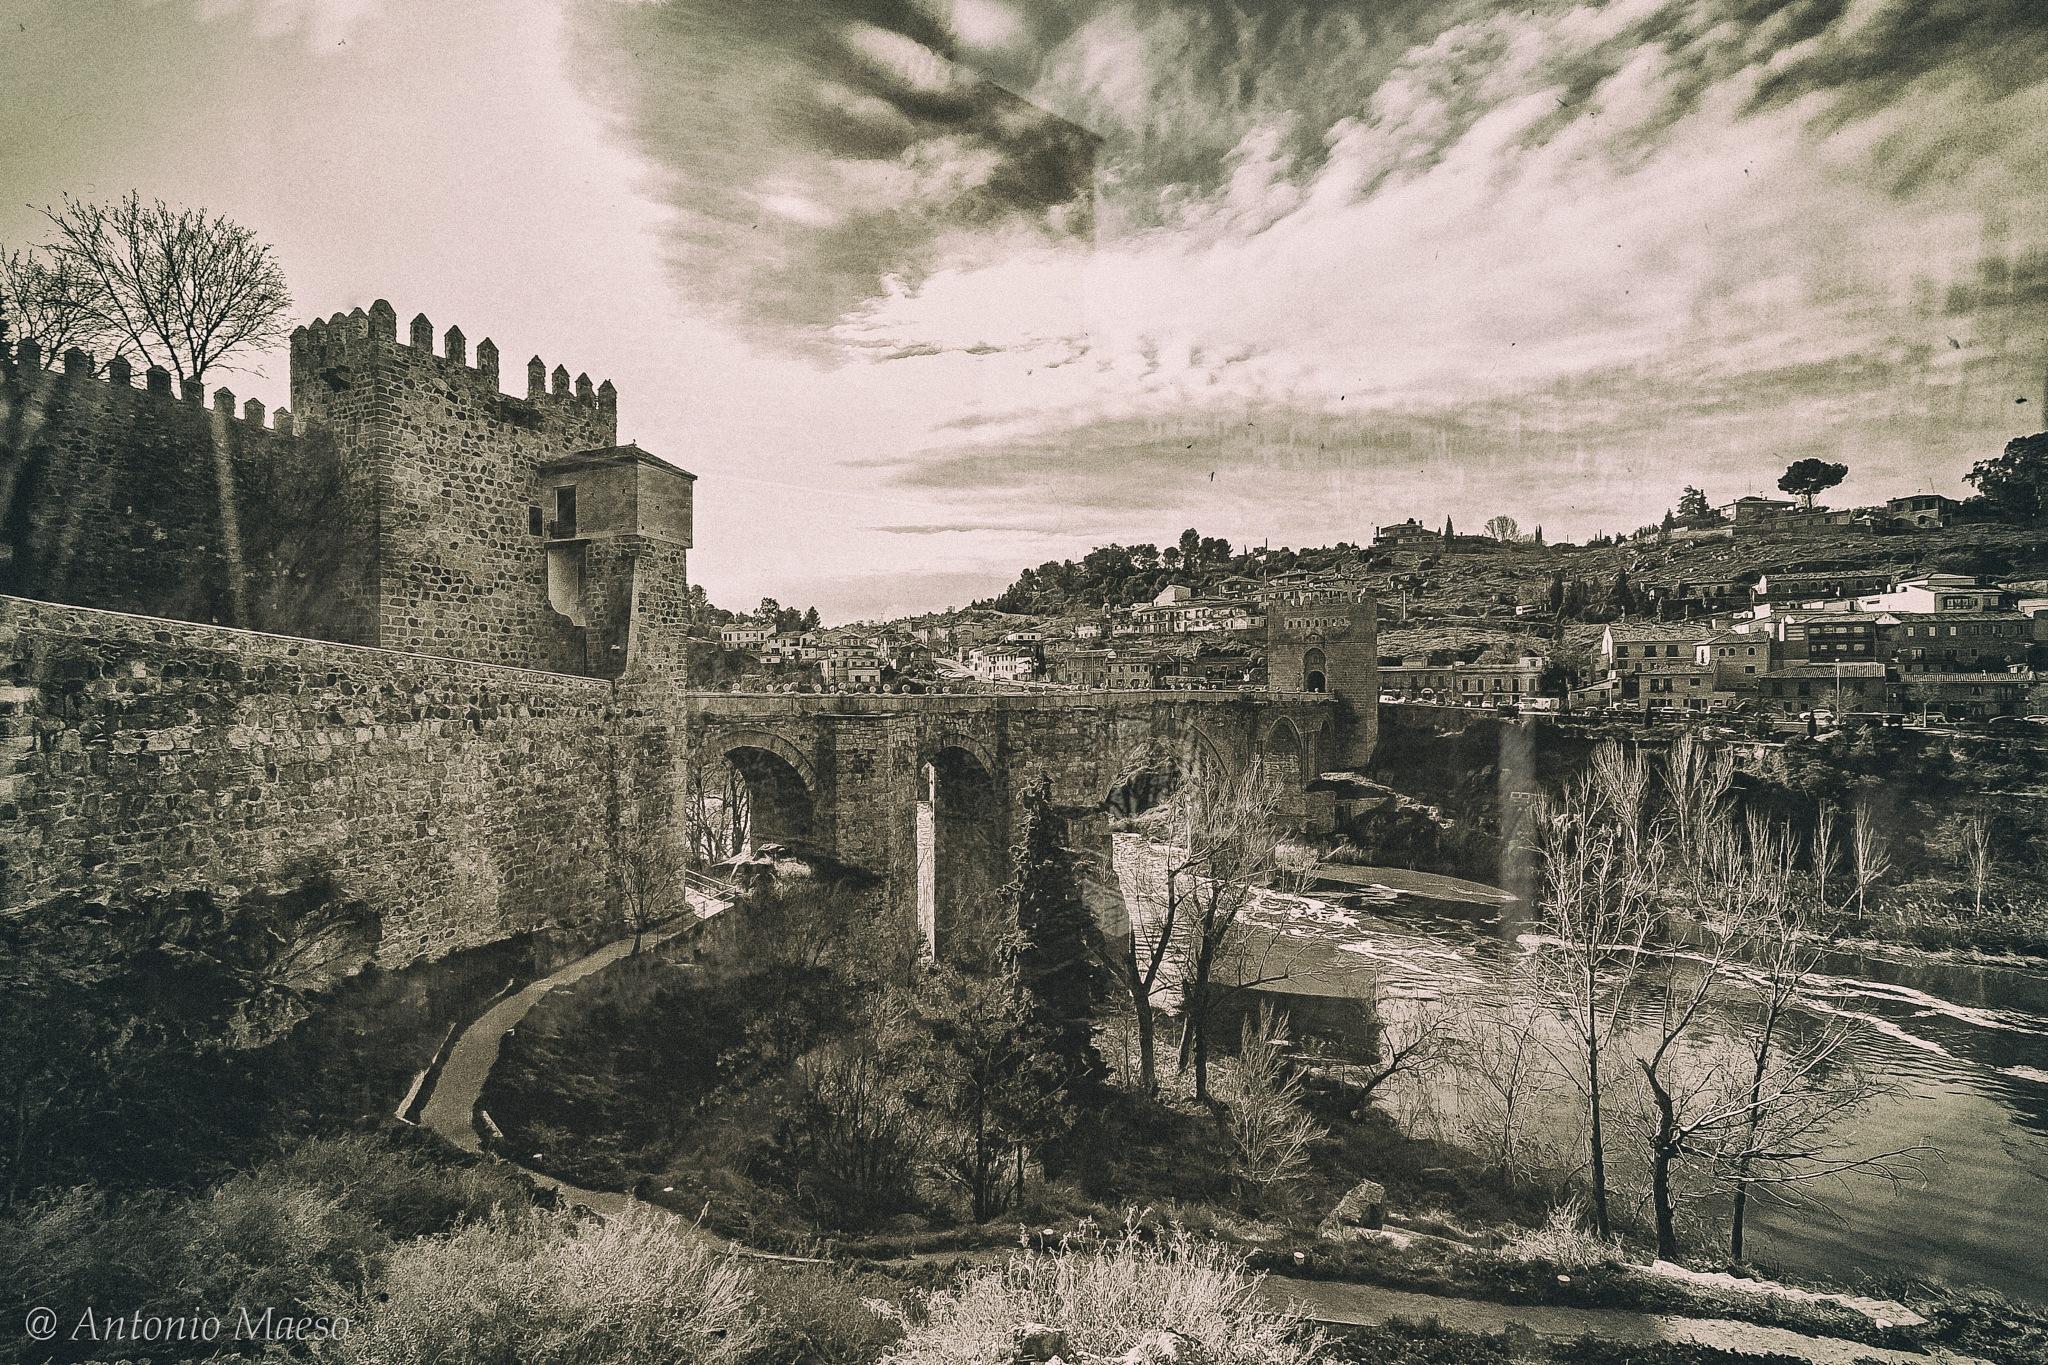 Puente de San Martín by Antonio Maeso